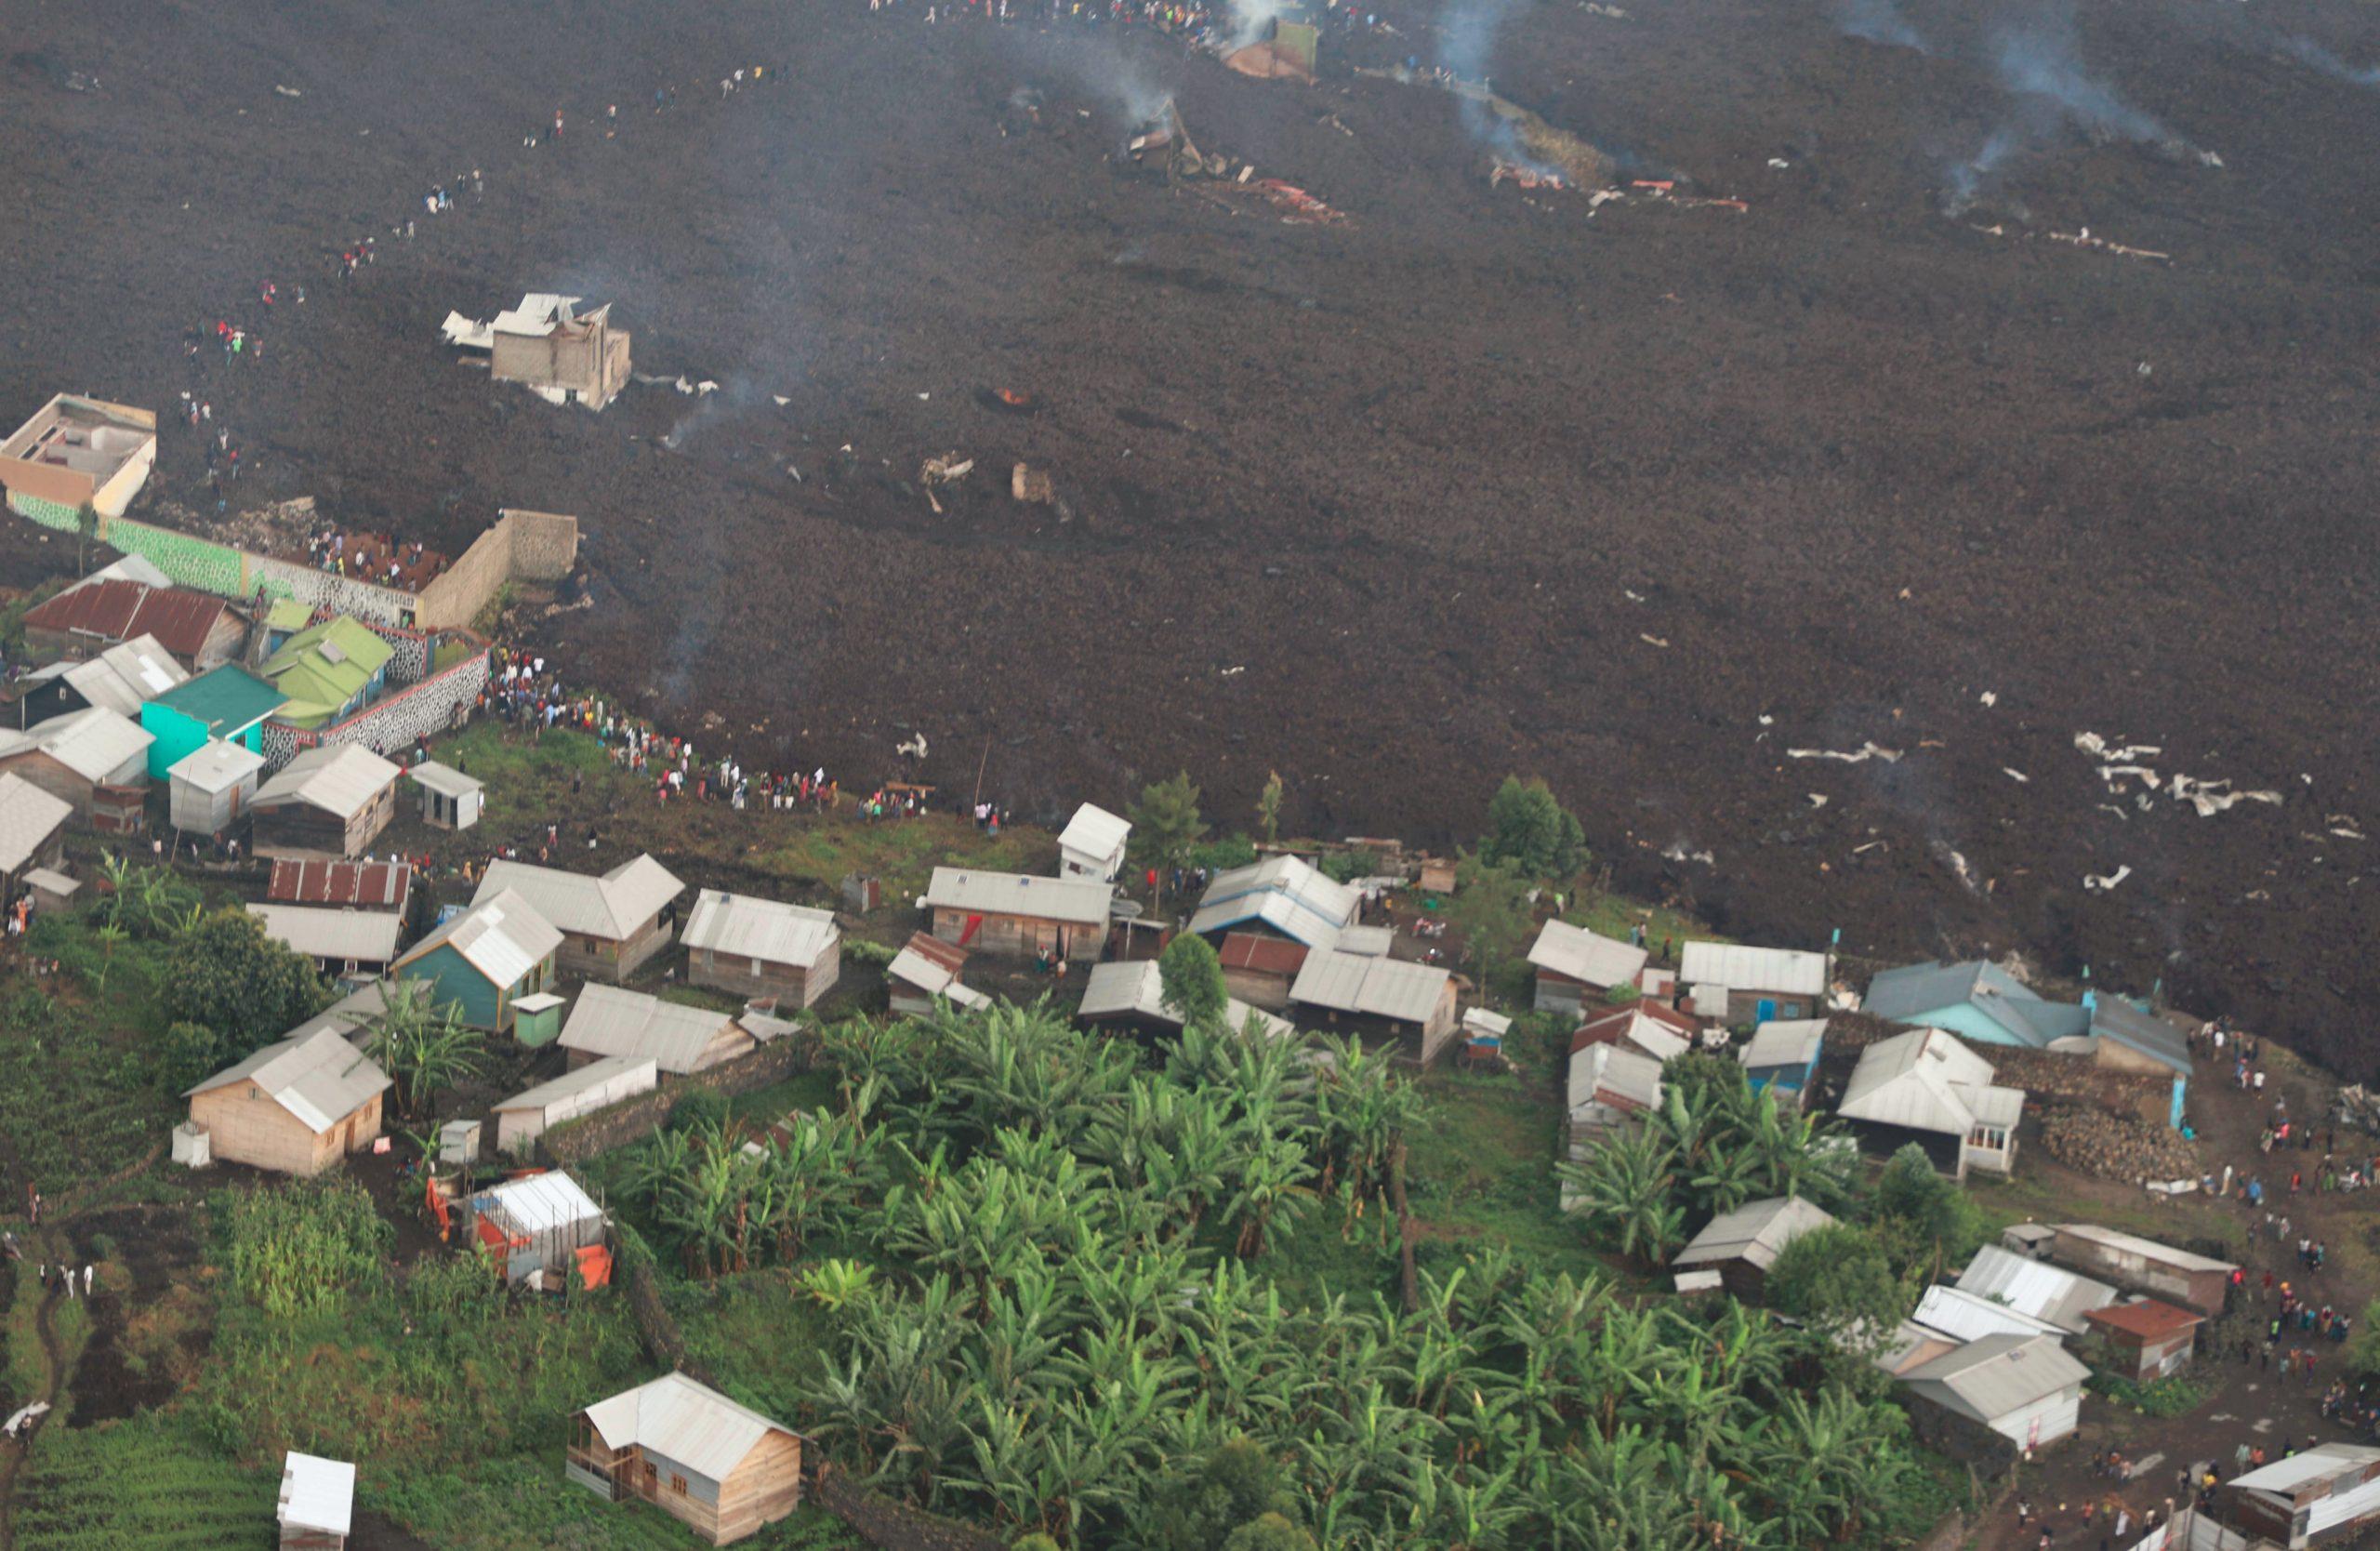 La coulée de lave du volcan Nyirangongo, près de Goma, le 23 mai 2021.